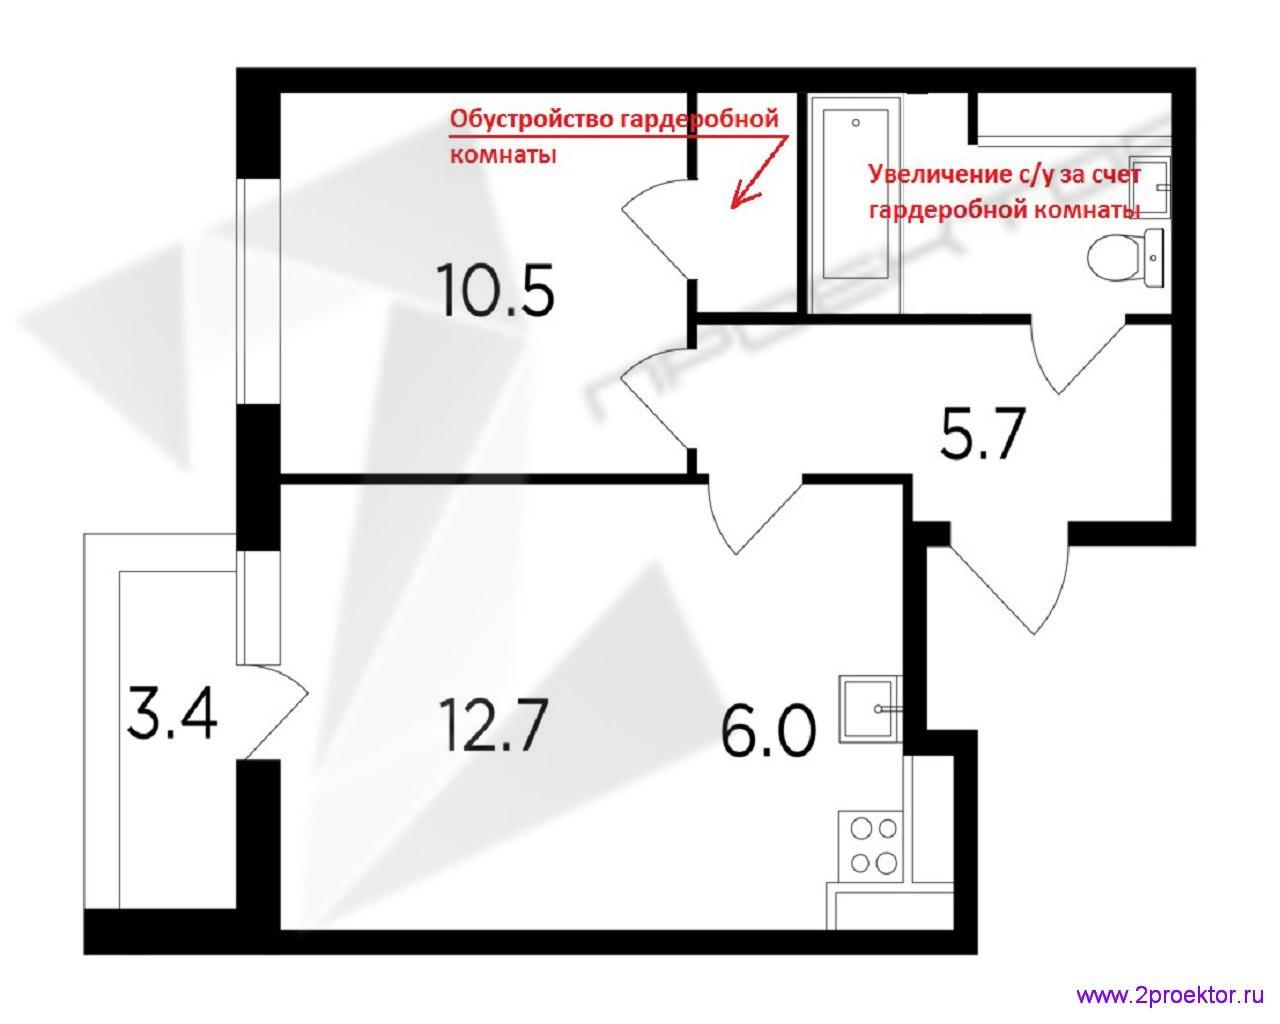 Вариант планировки двухкомнатной квартиры в Жилом комплексе Лесопарковый разработанный специалистами ООО «2Проектор» (увеличение с/у за счет гардеробной комнаты, обустройство гардеробной комнаты).